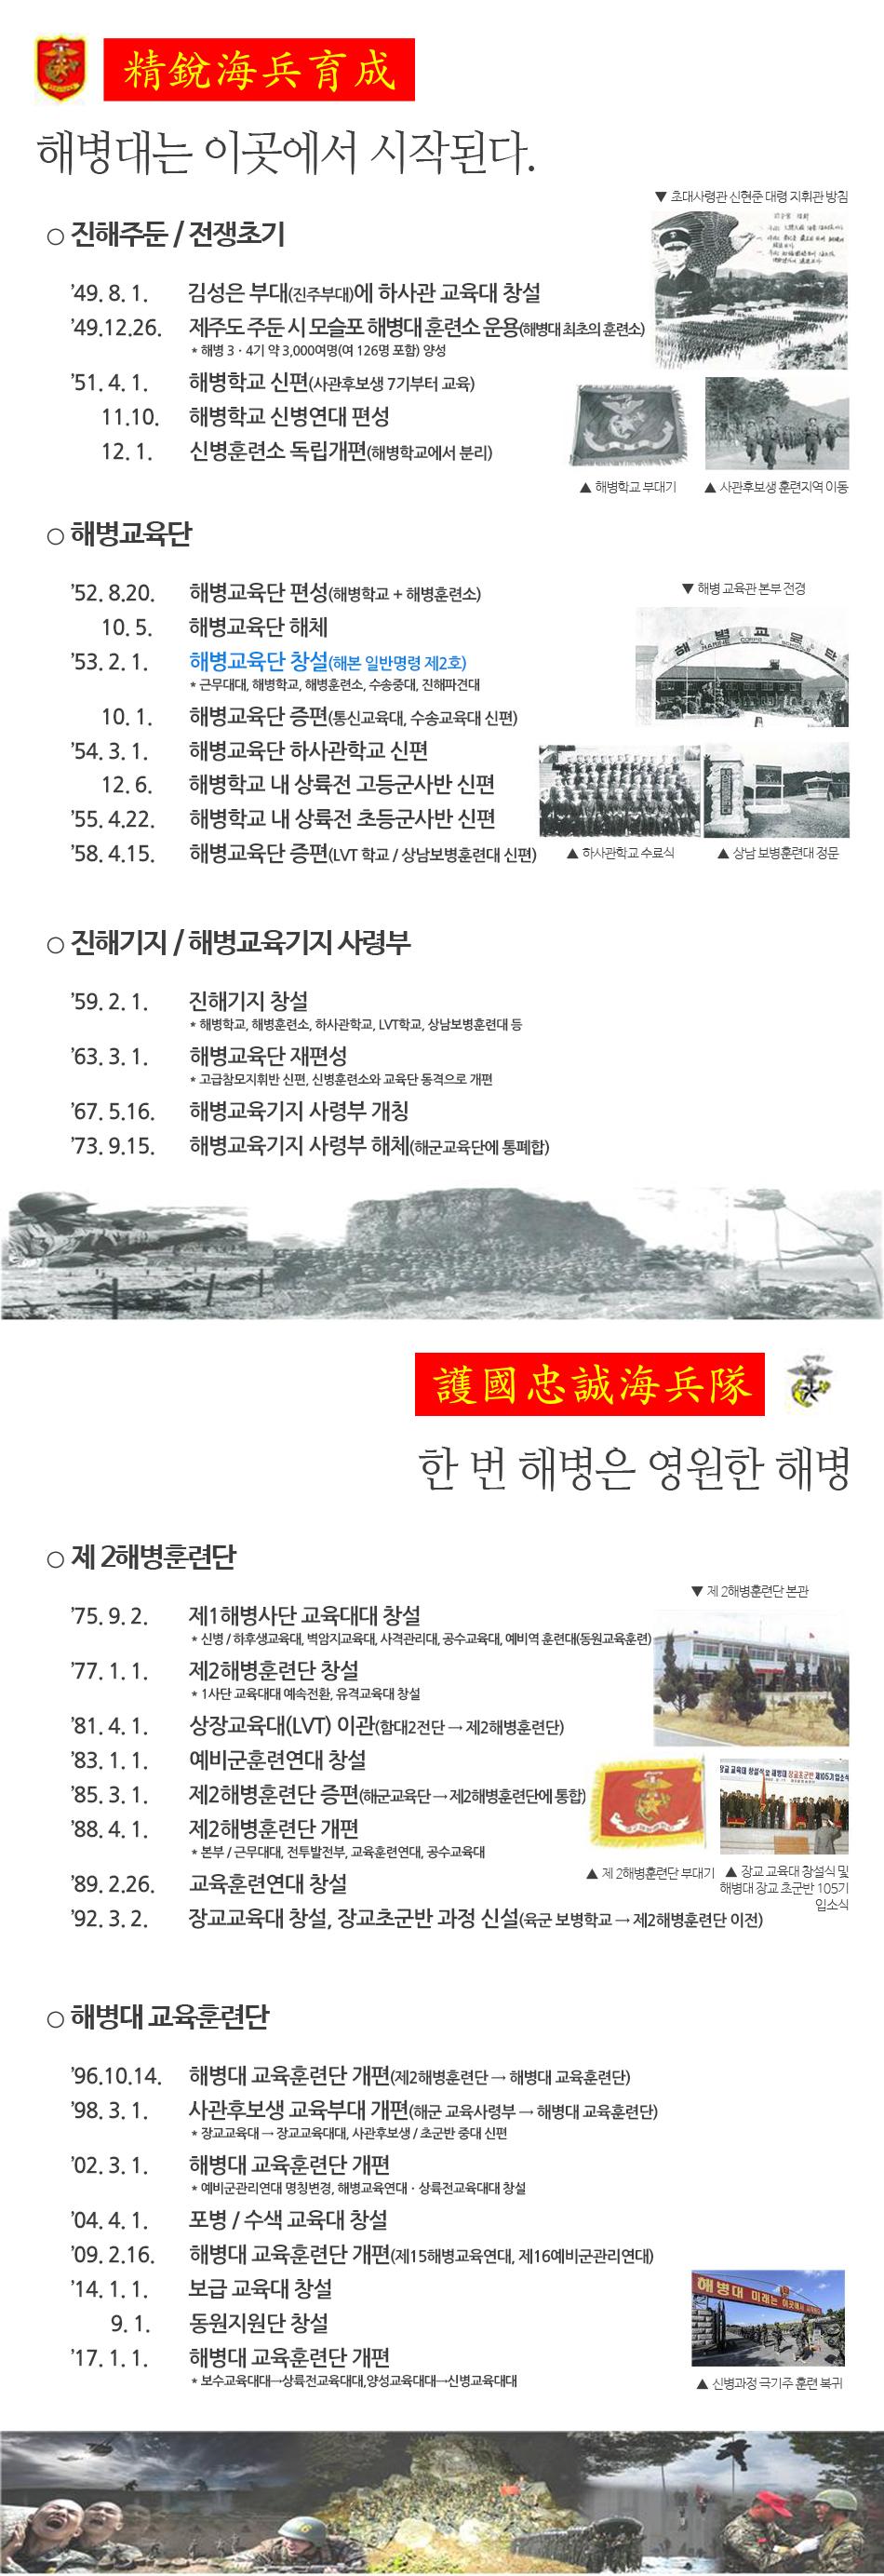 해병대교육훈련단 연혁 1.jpg